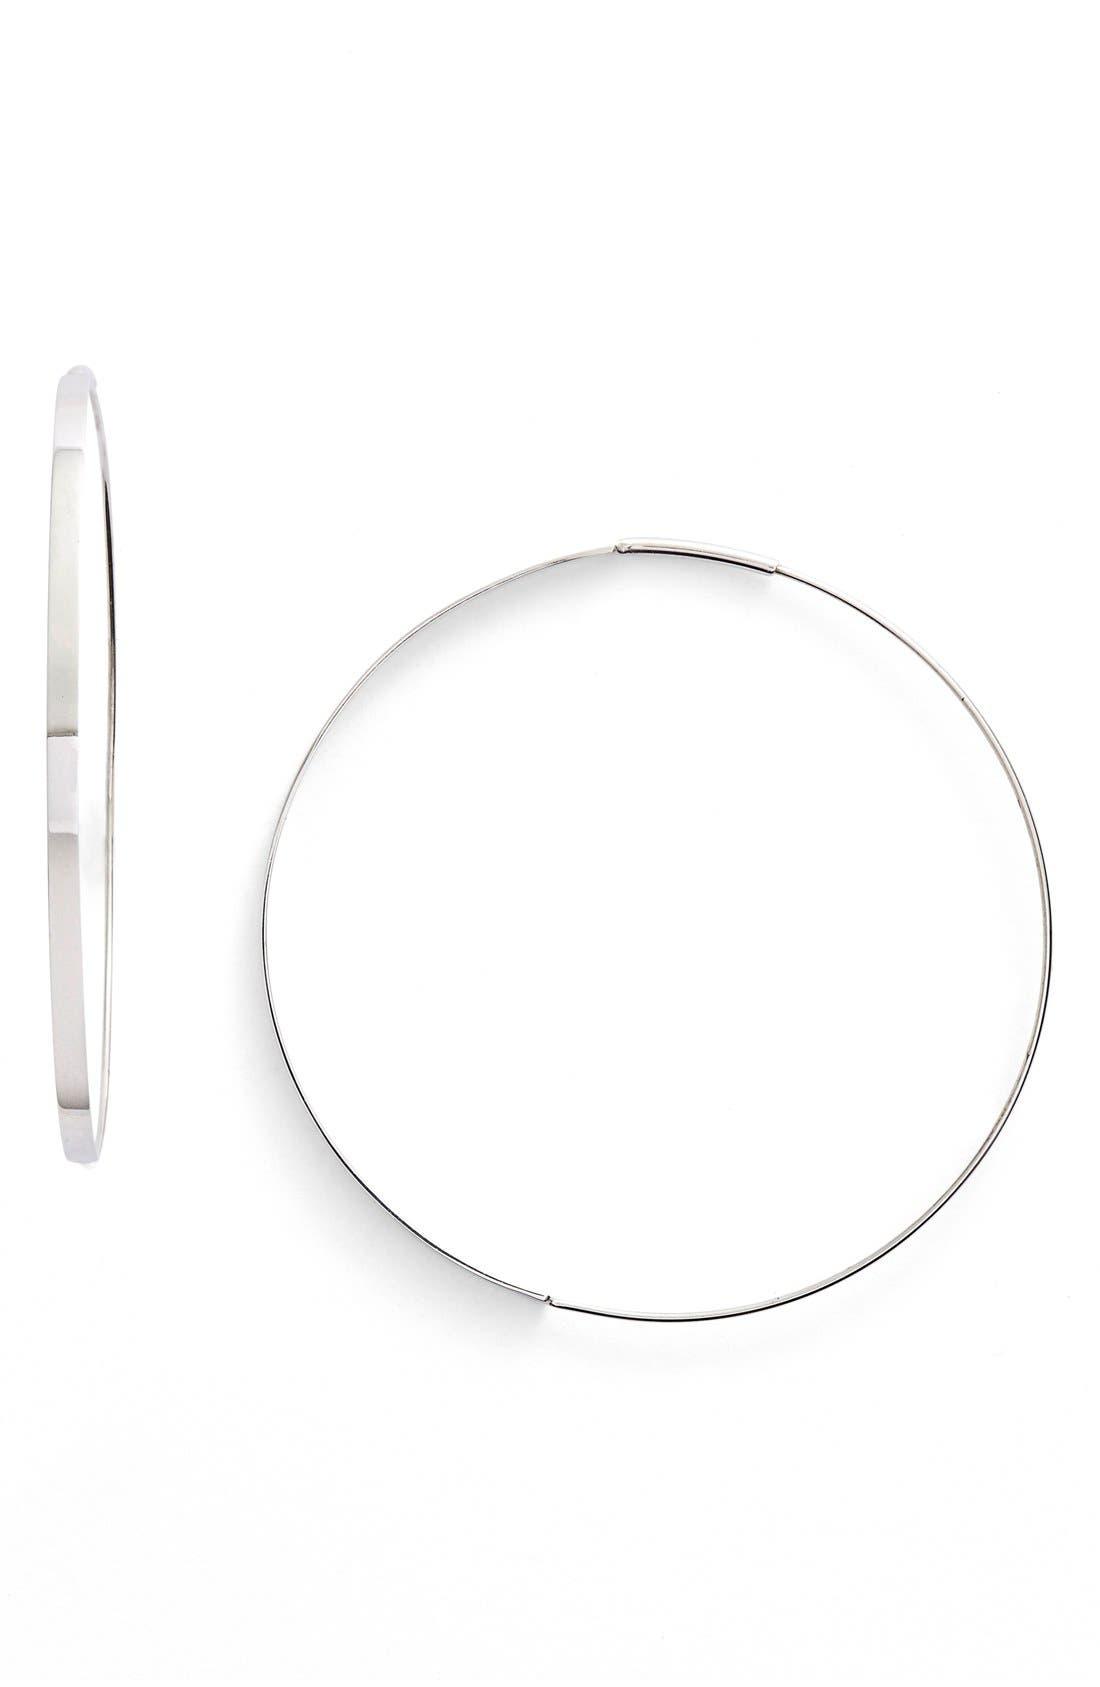 LANA JEWELRY 'Flat Magic' Medium Hoop Earrings